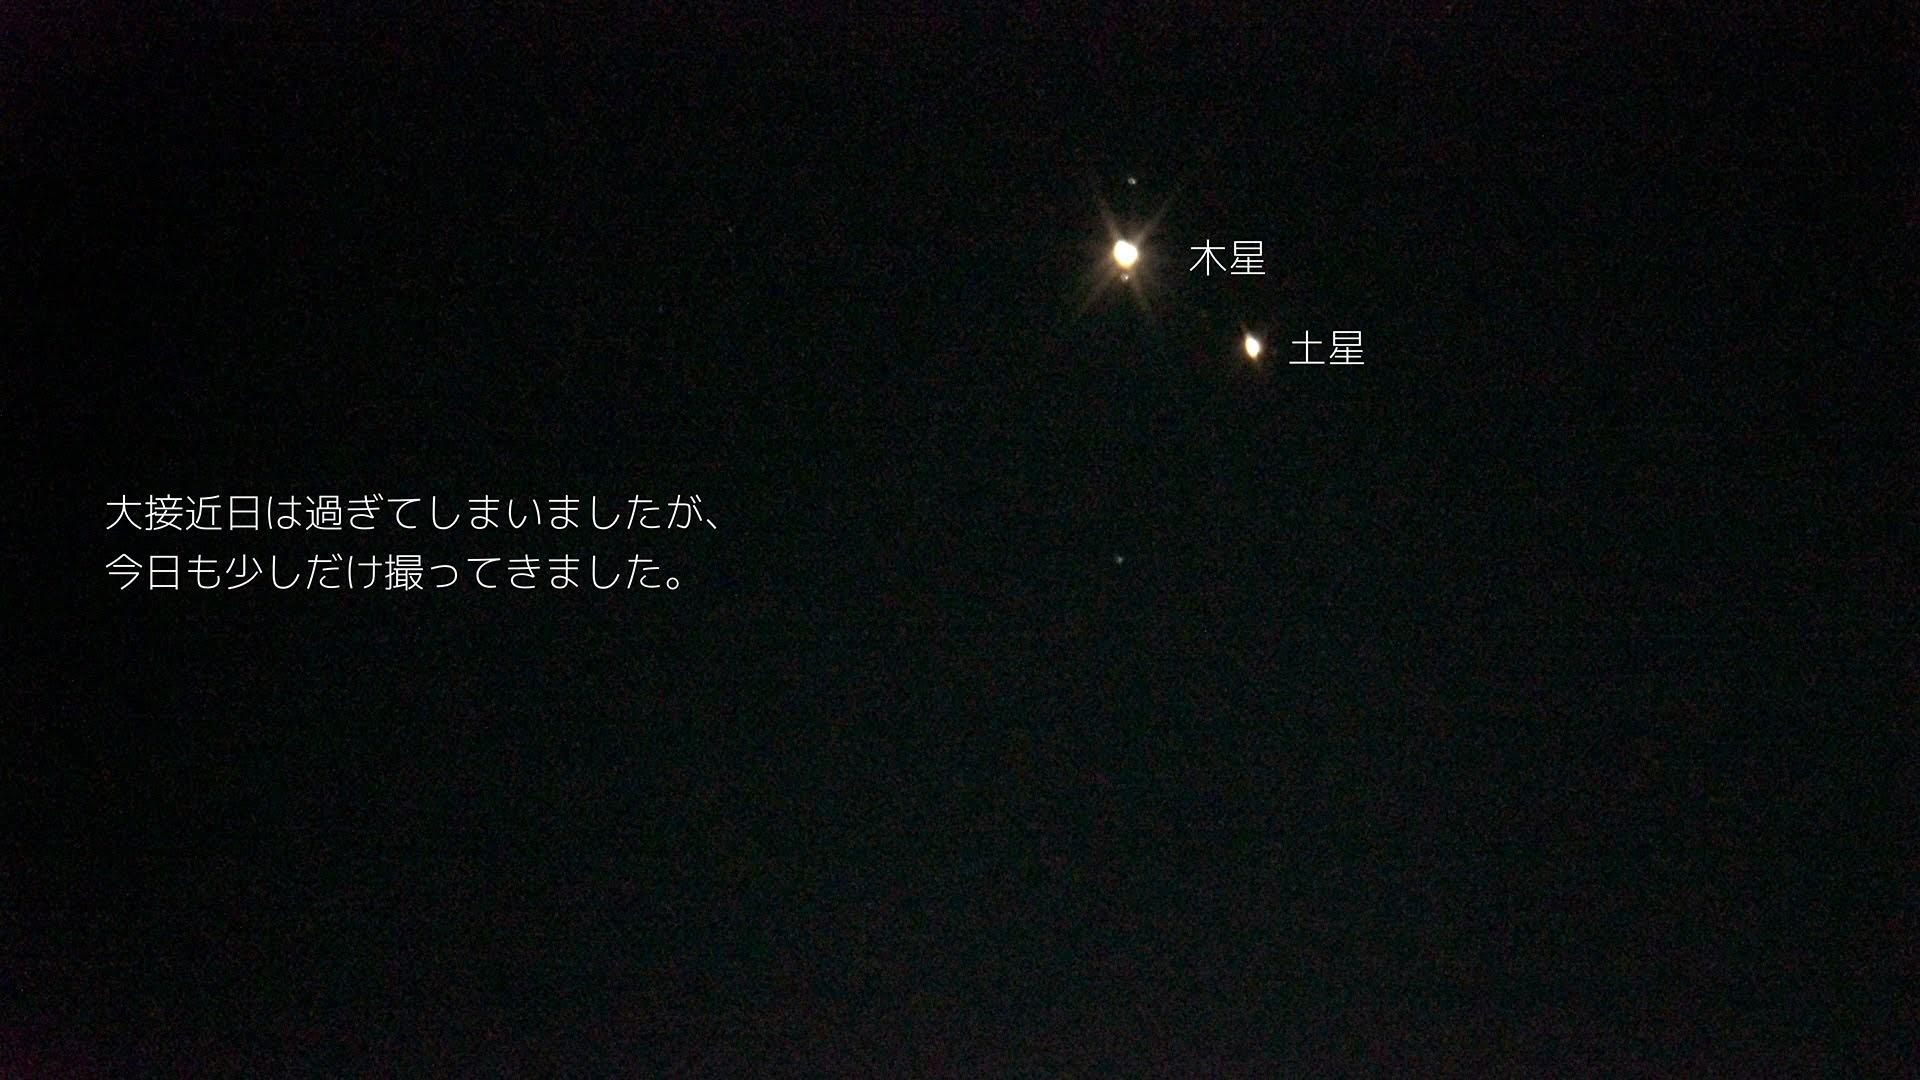 写真で木星と土星が大接近を振り返る。